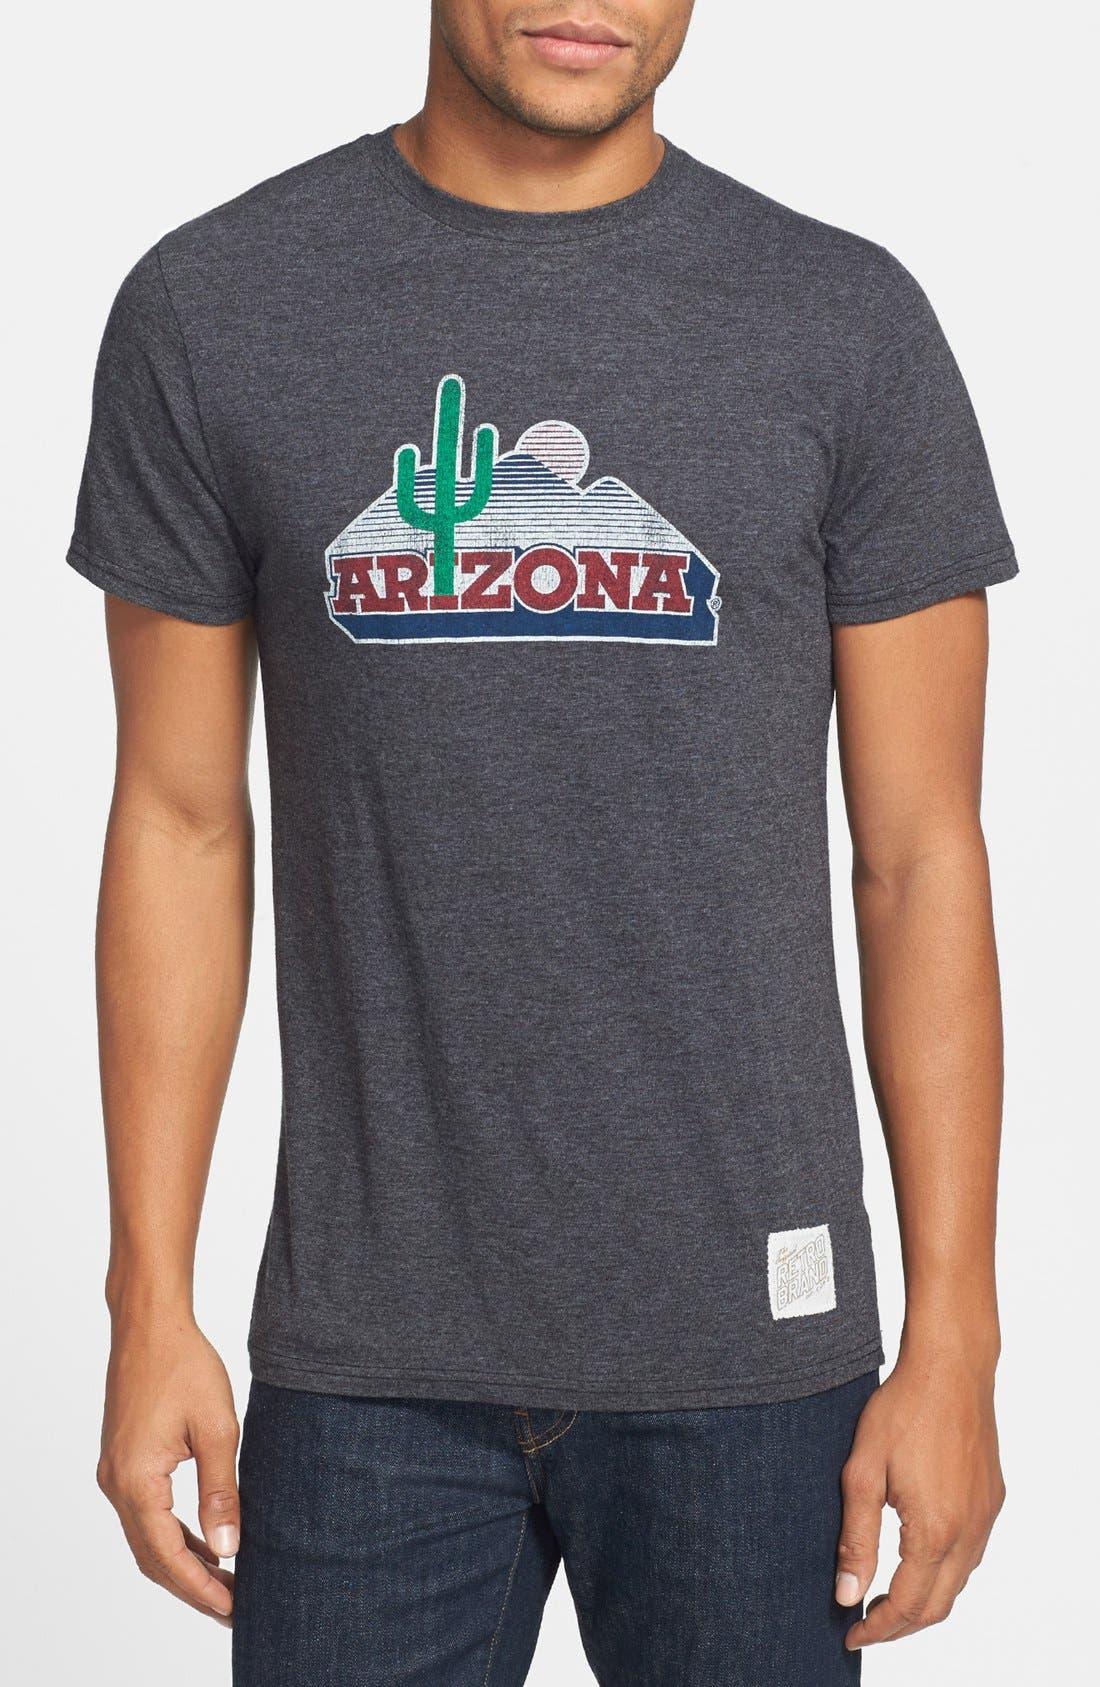 Main Image - Retro Brand 'Arizona Wildcats' Team T-Shirt